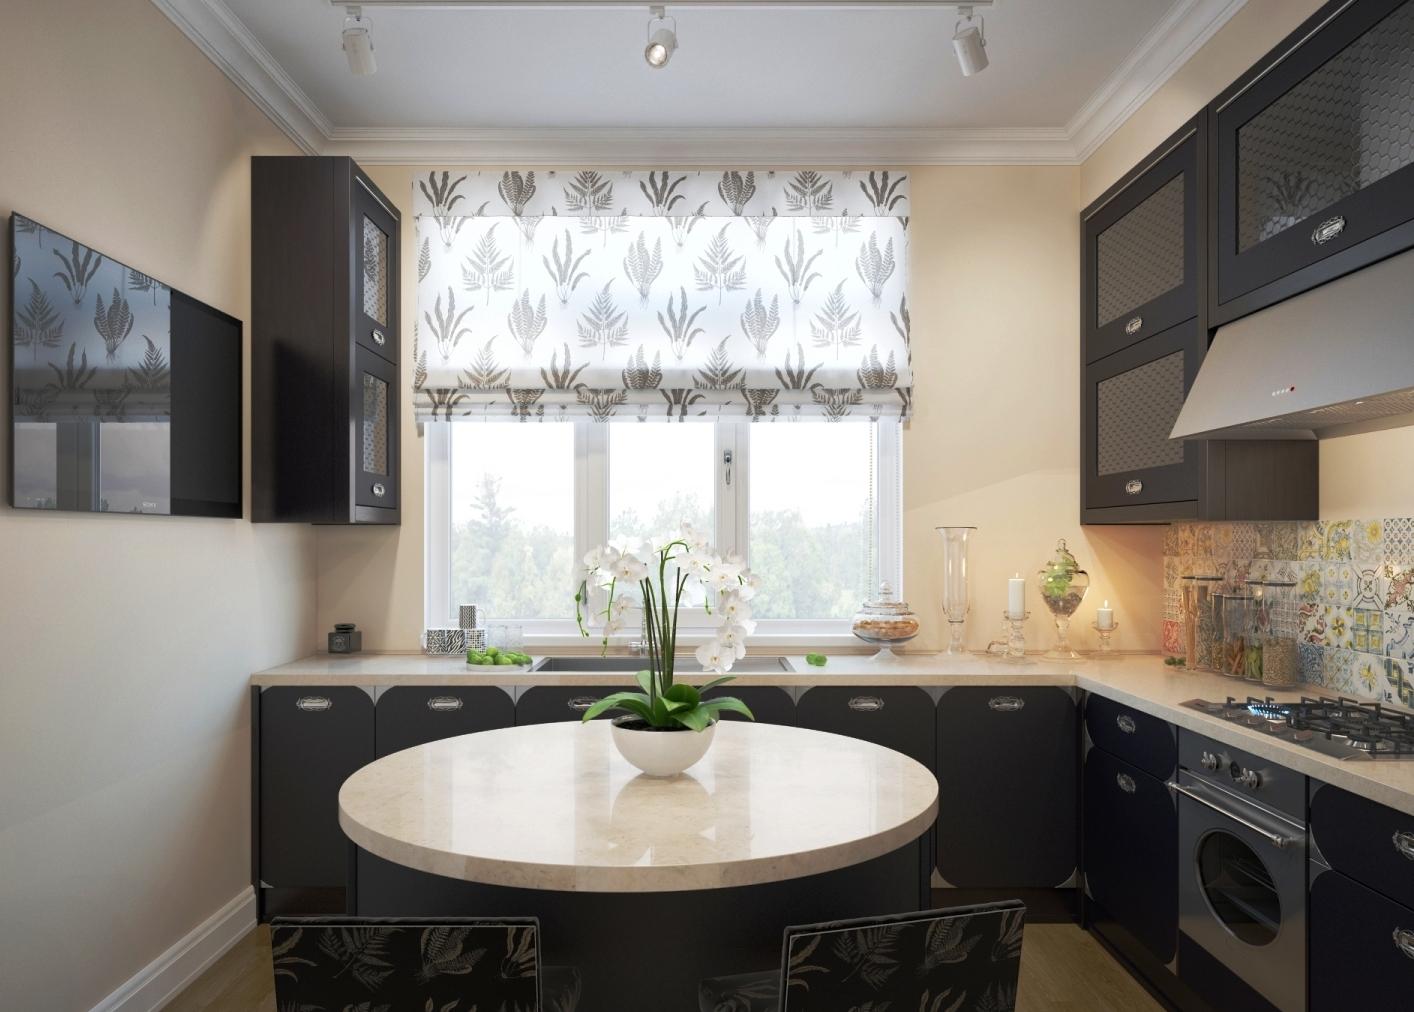 Раковина у окна на кухне с круглым столом